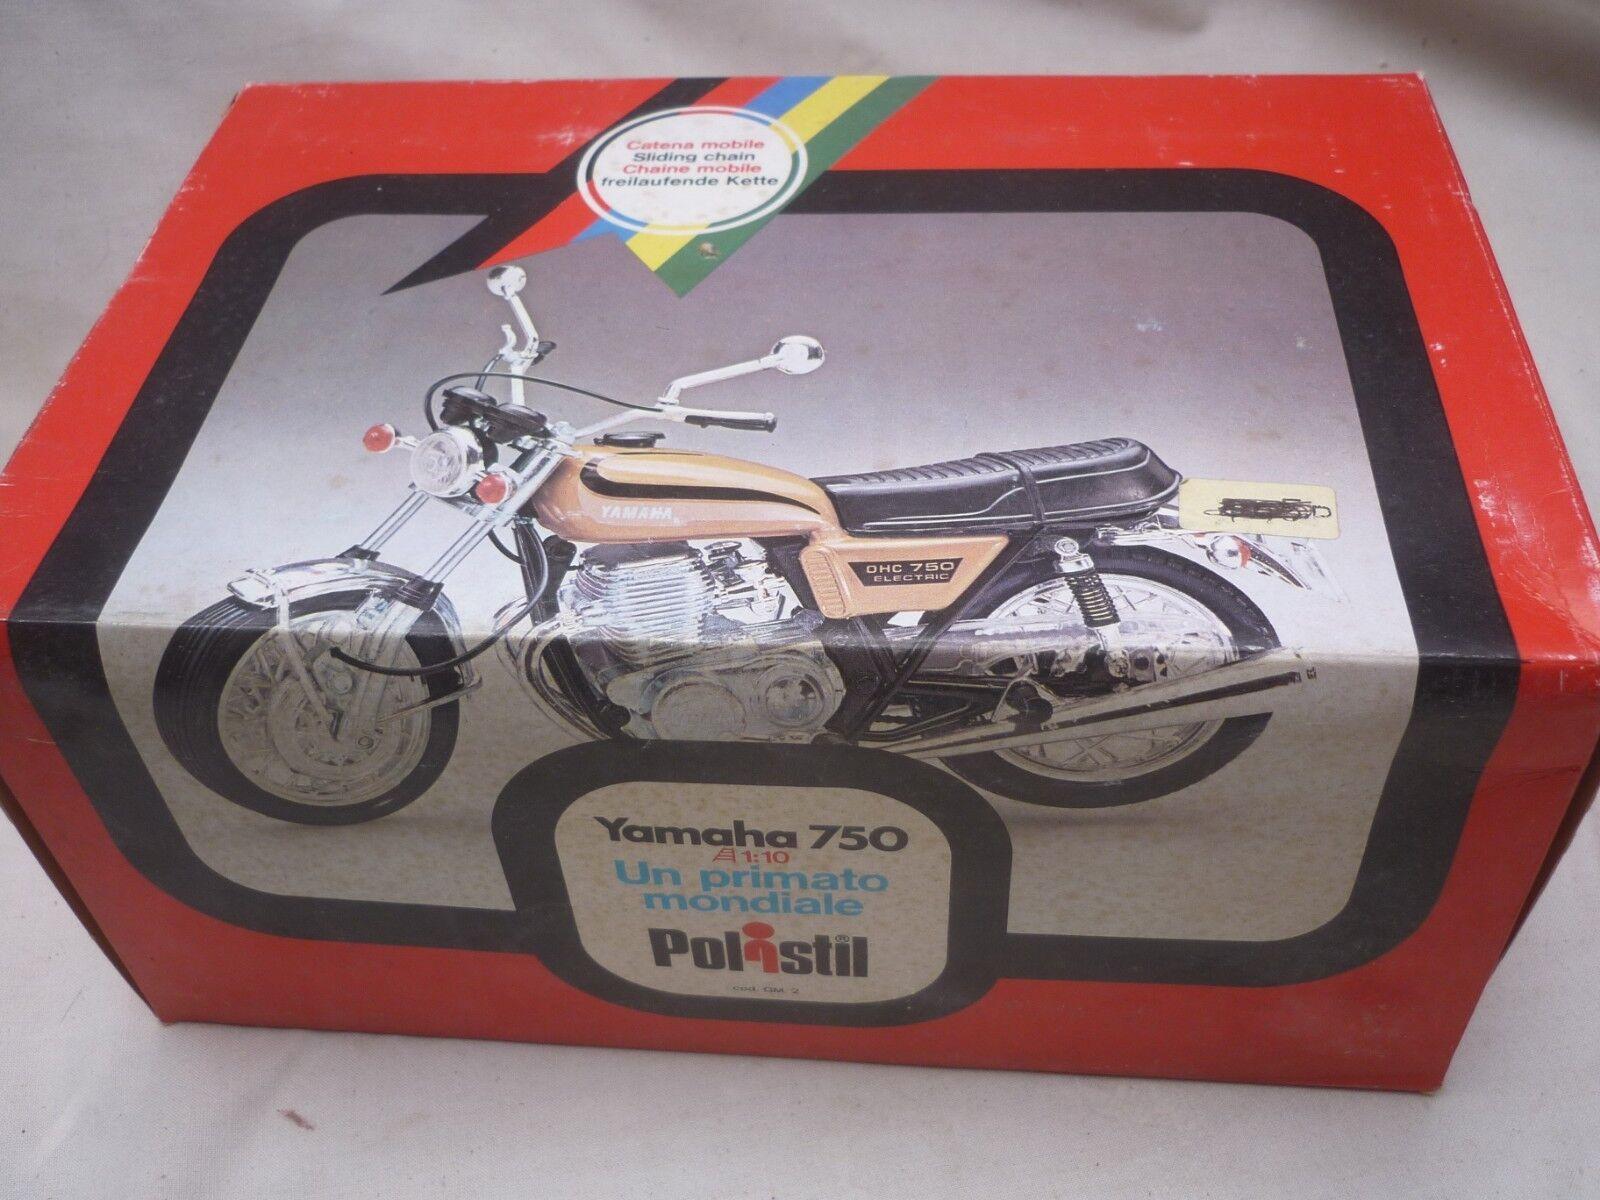 Polistil, un modelo a escala Juguete De Una Yamaha 750 Moto, En Caja